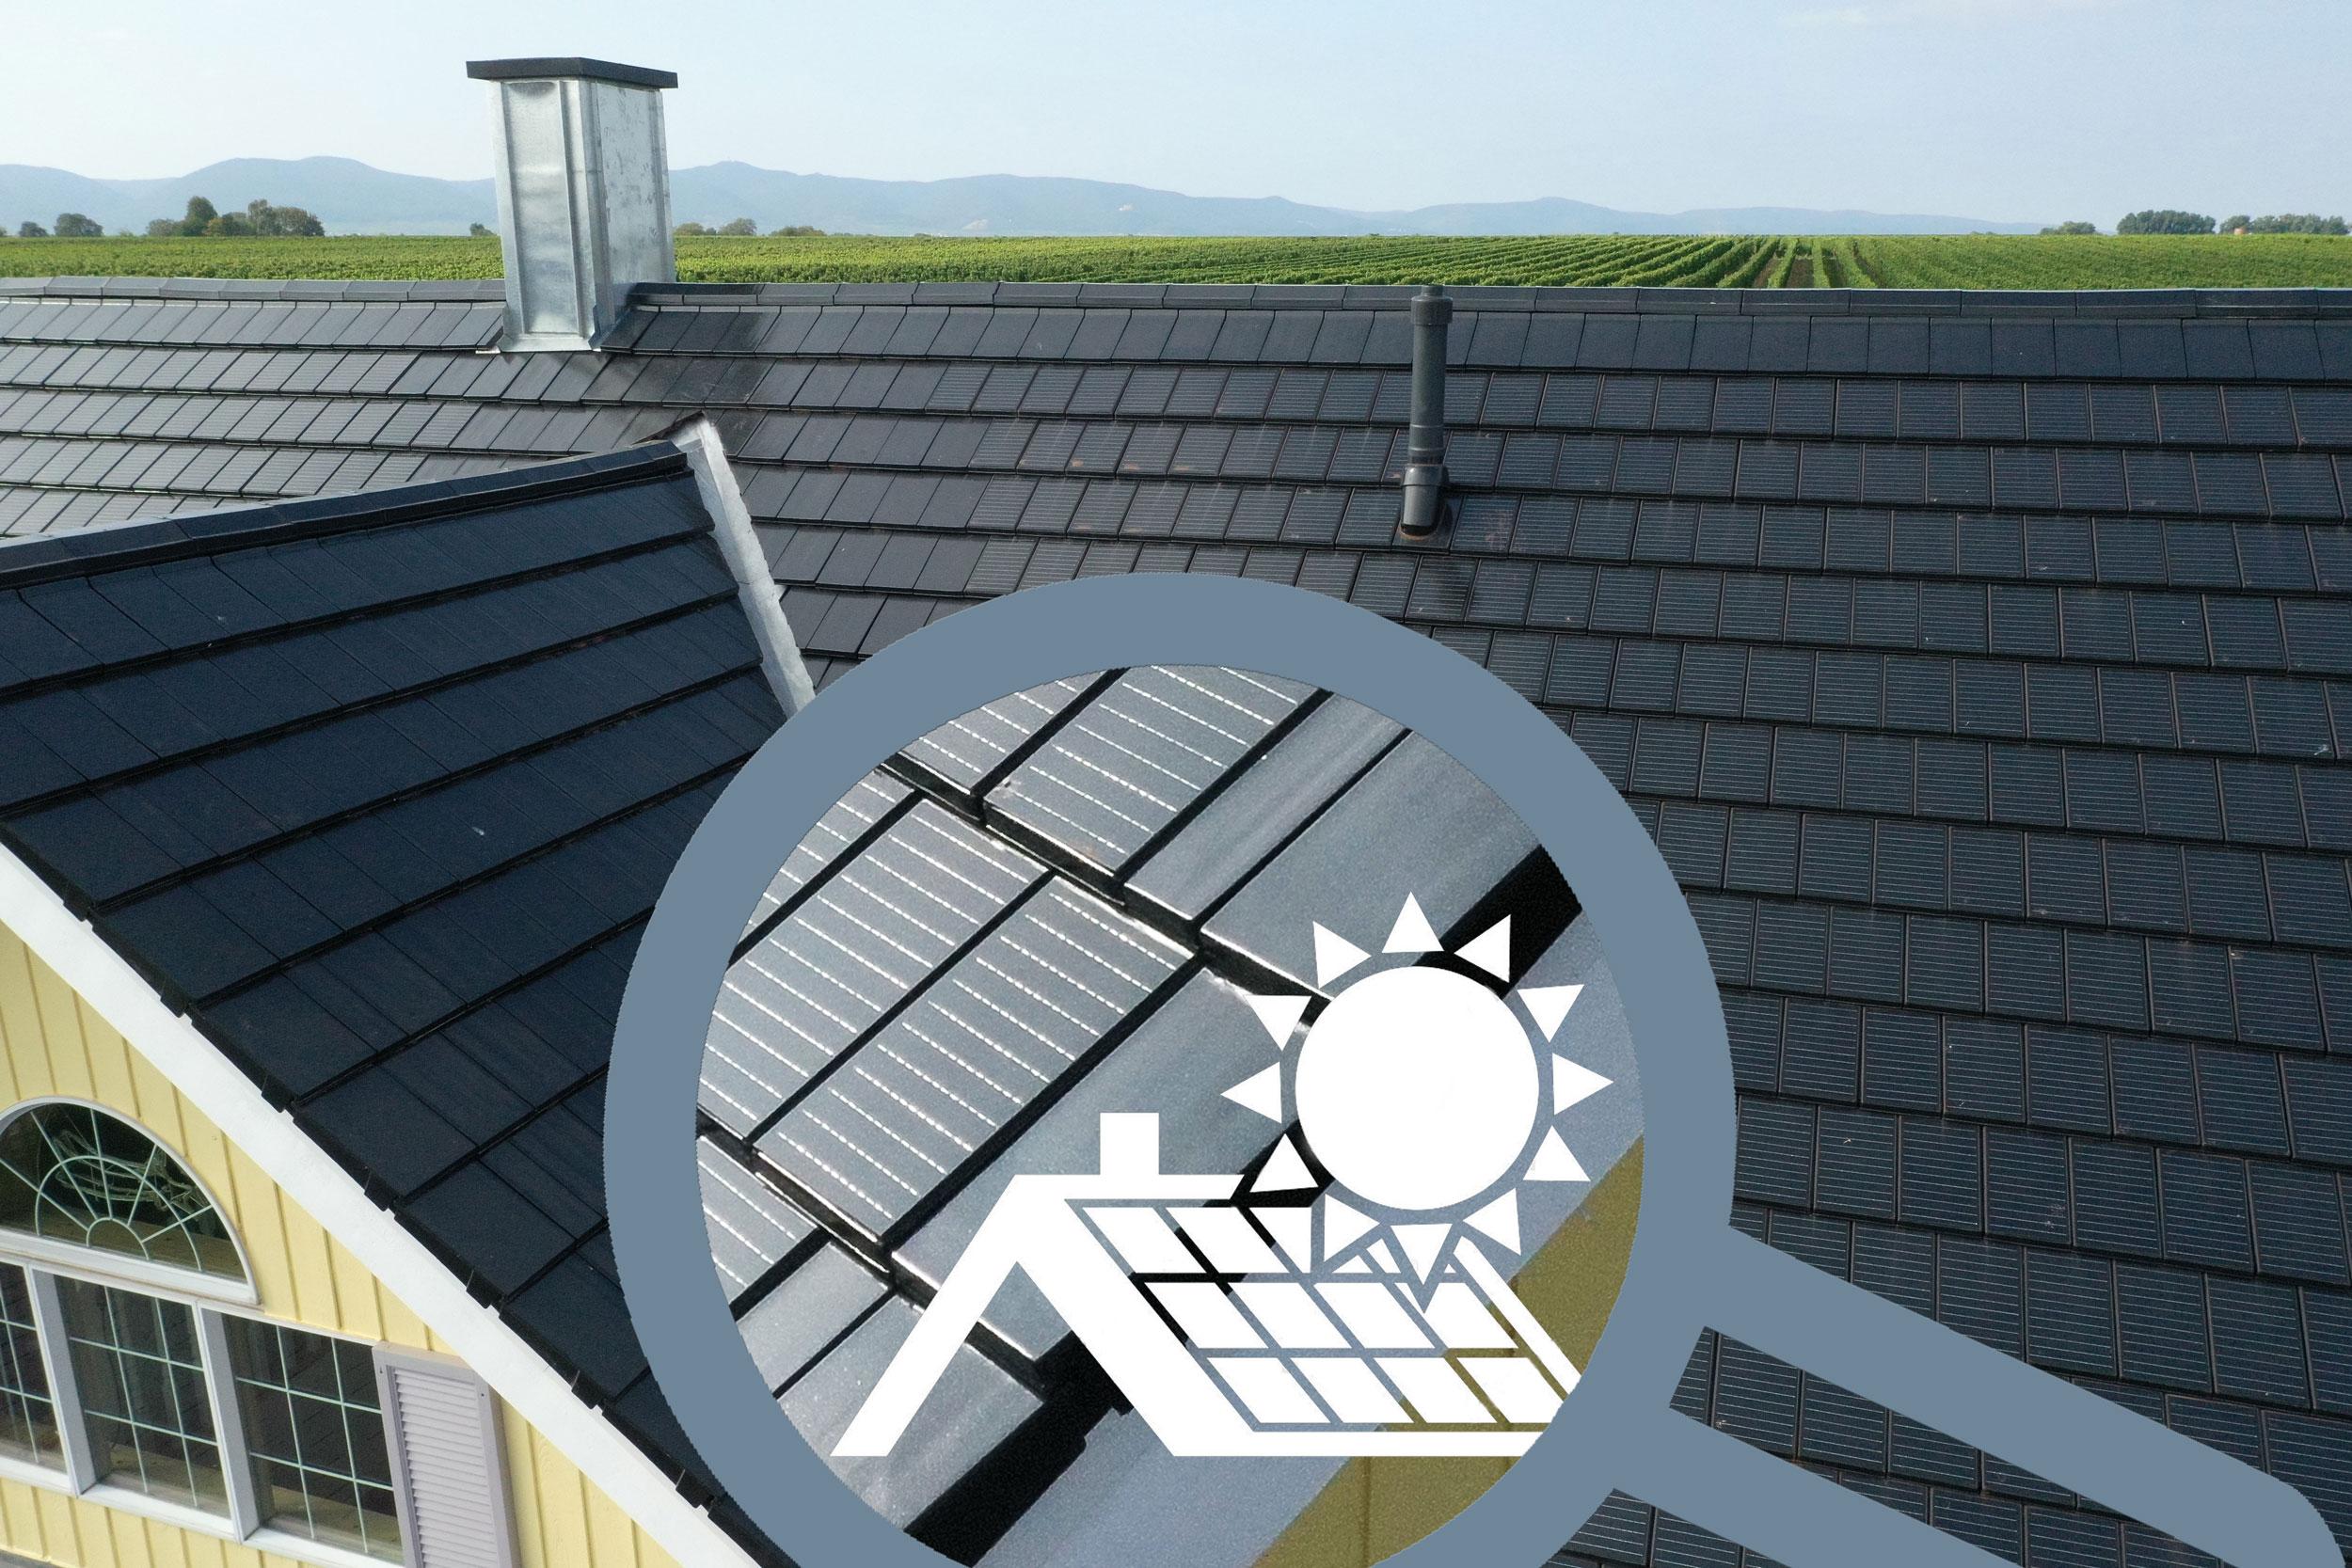 solarziegel-leydecker-DJI_0180_04